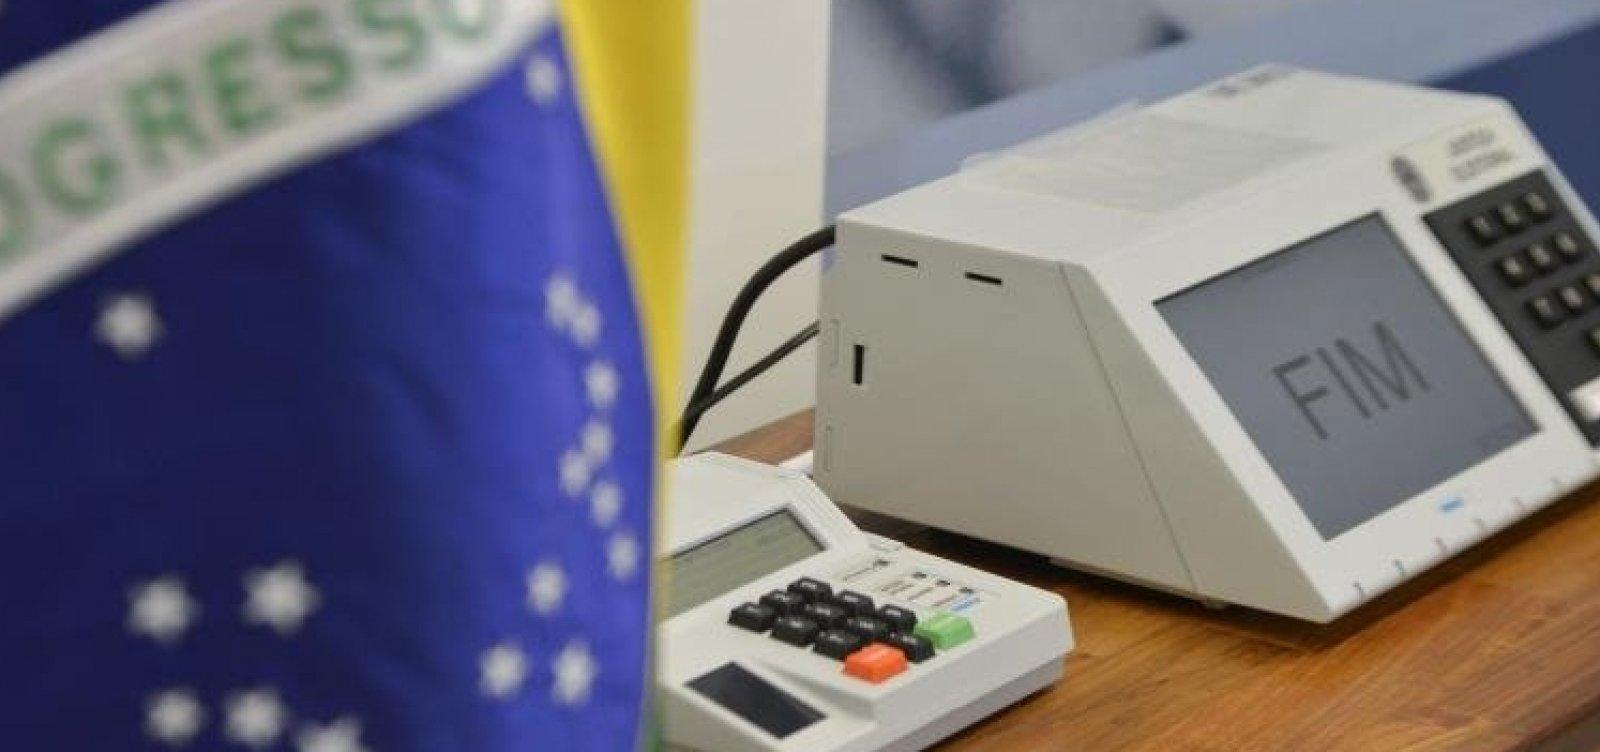 Datafolha aponta que 69% dos brasileiros aprovam a democracia